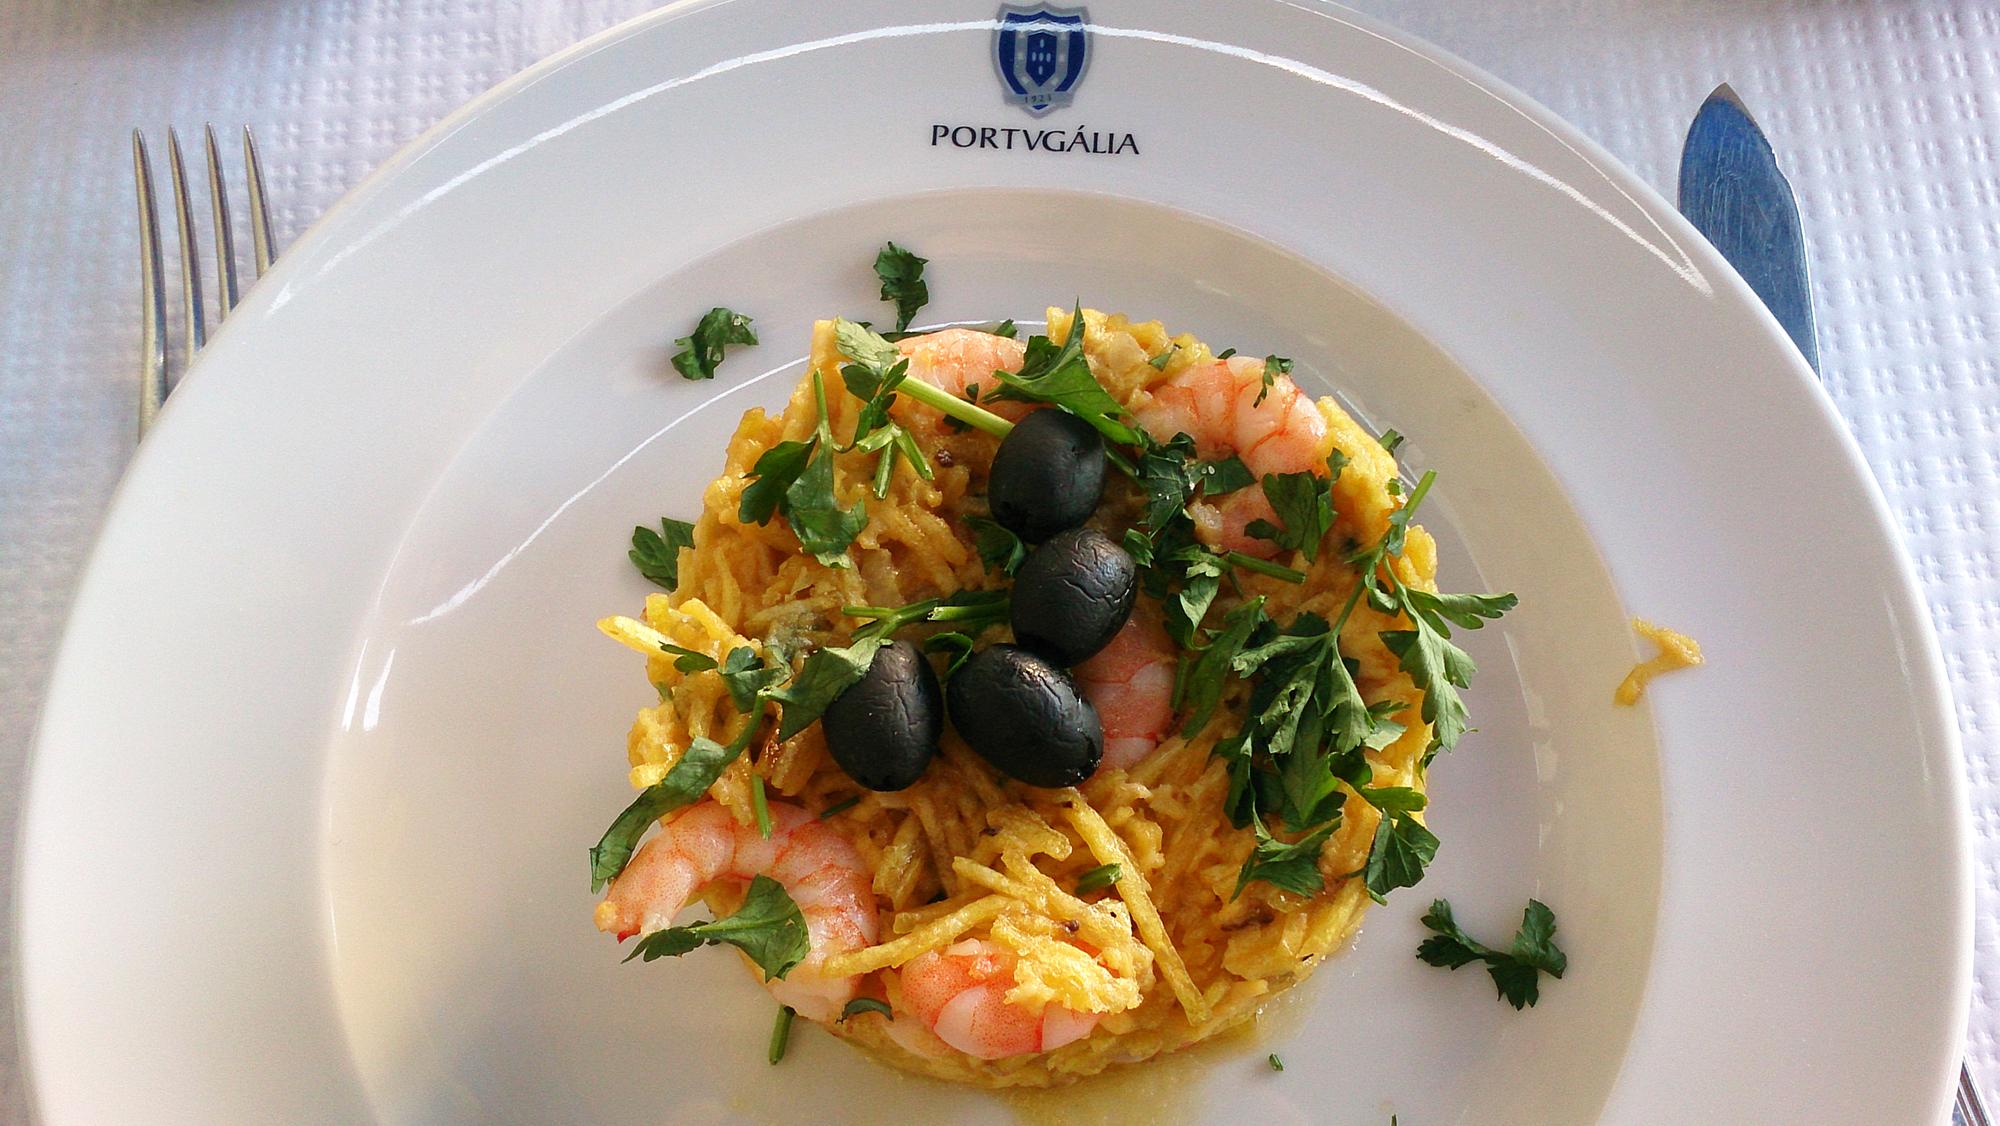 Langostino á brás - krewetkowa wersja narodowej potrawy Portugalii, gdzie w roli głównej występuje suszony dorsz